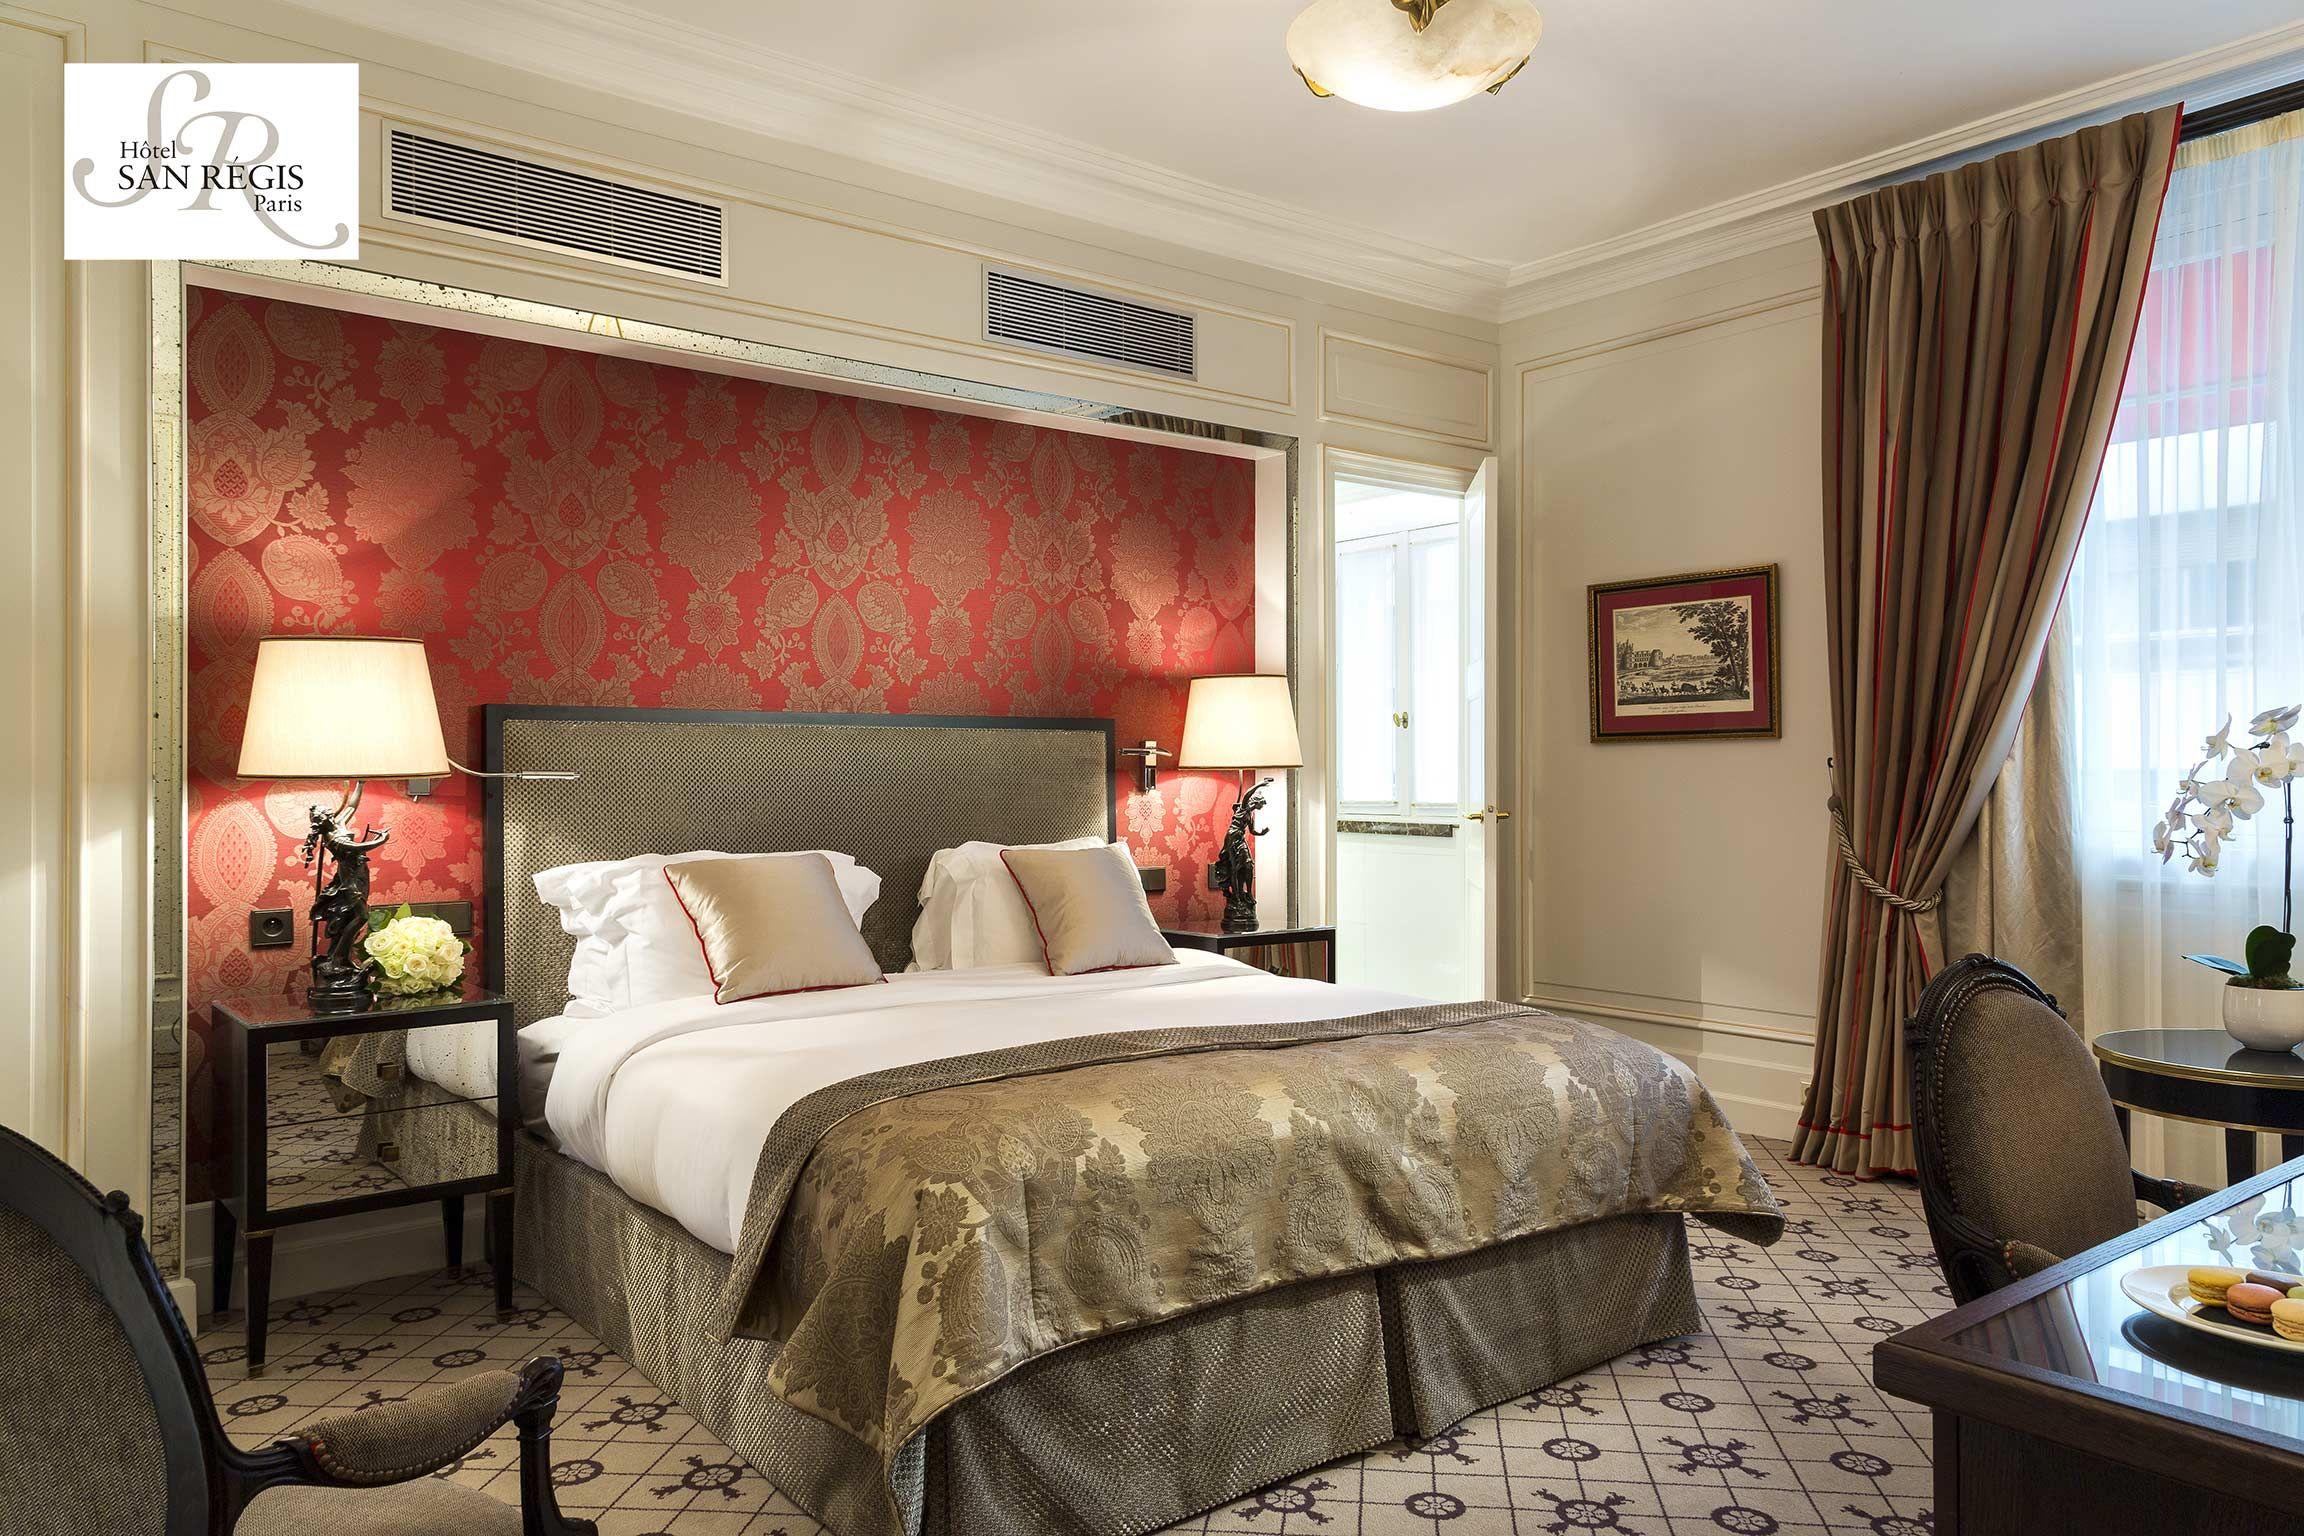 Hôtel San Regis, Paris, France (chambre de luxe) - Crédits photo ...